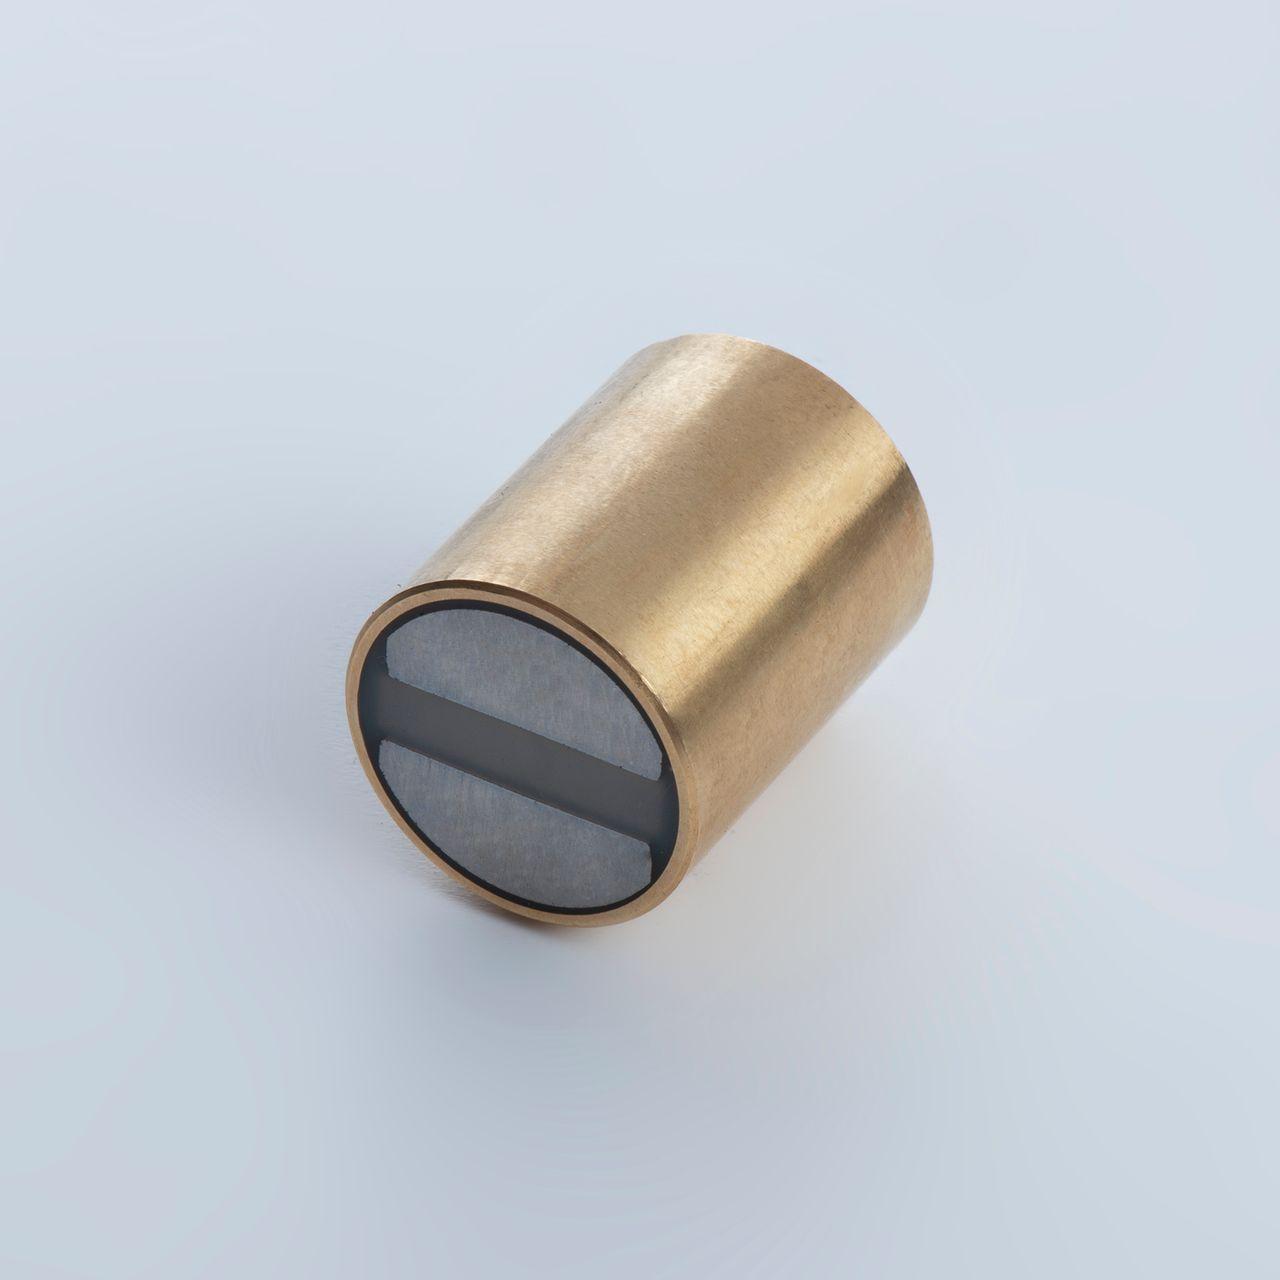 Bar holding magnet made of SmCo, brass housing with fit tolerance h6, thyssenkrupp Magnettechnik